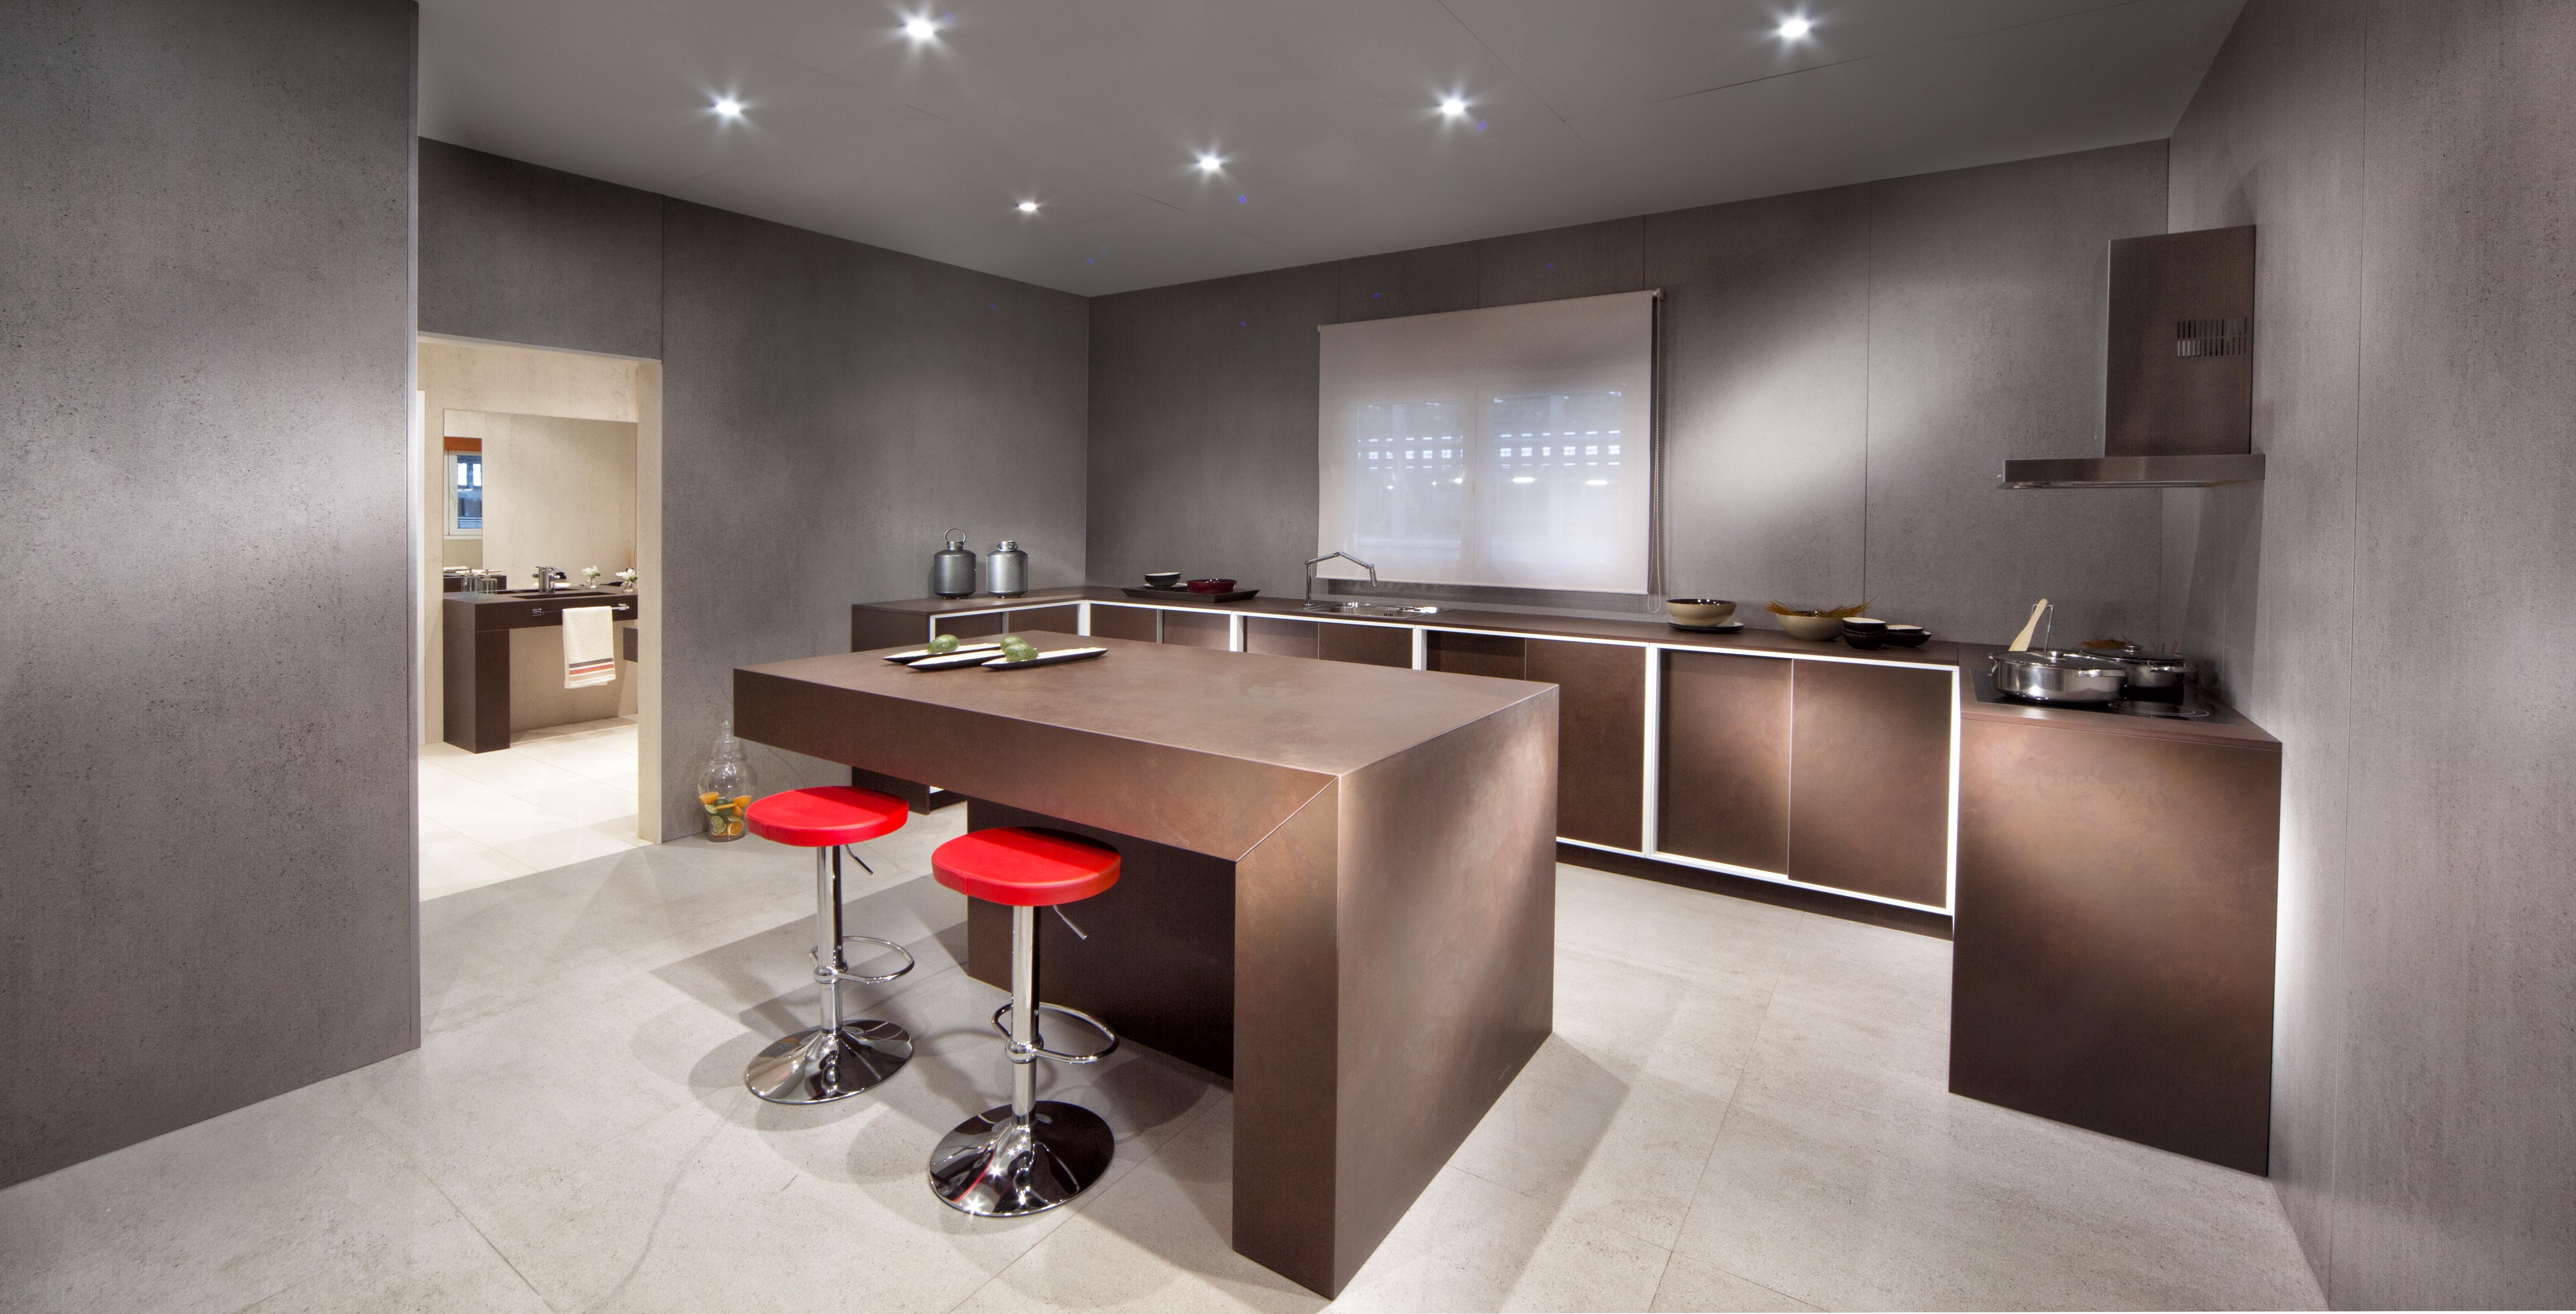 top cuisine design good awesome cuisine design industrie with cuisine design industrie with top. Black Bedroom Furniture Sets. Home Design Ideas